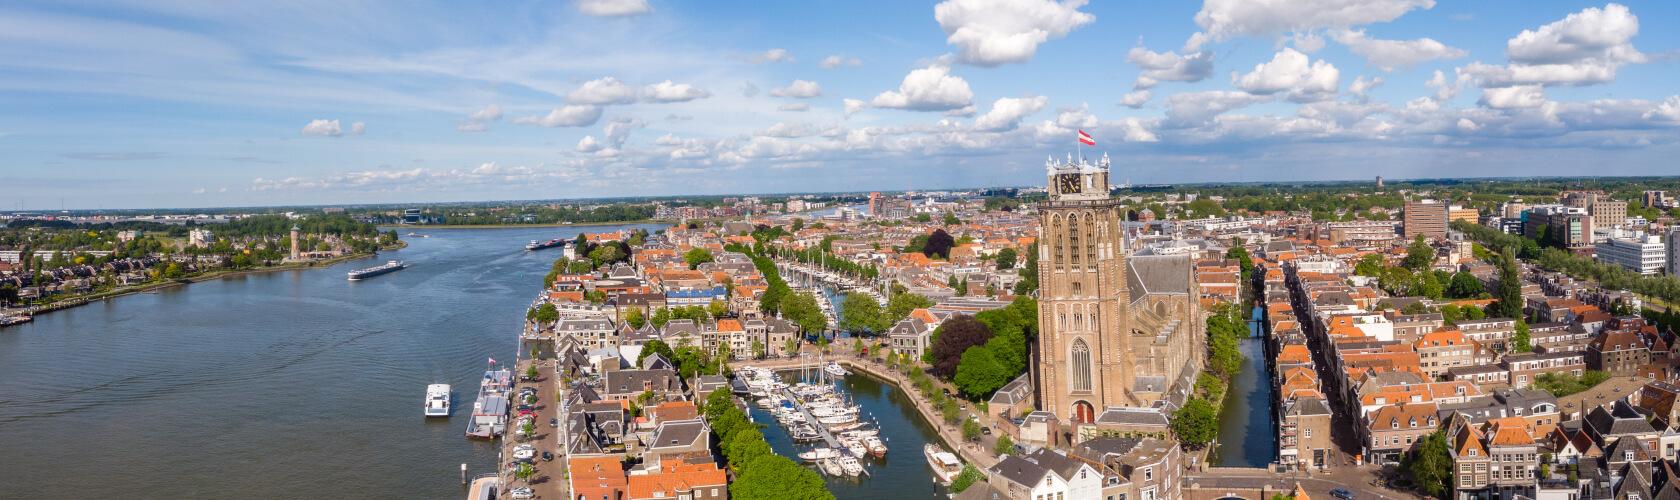 Telefonie Dordrecht